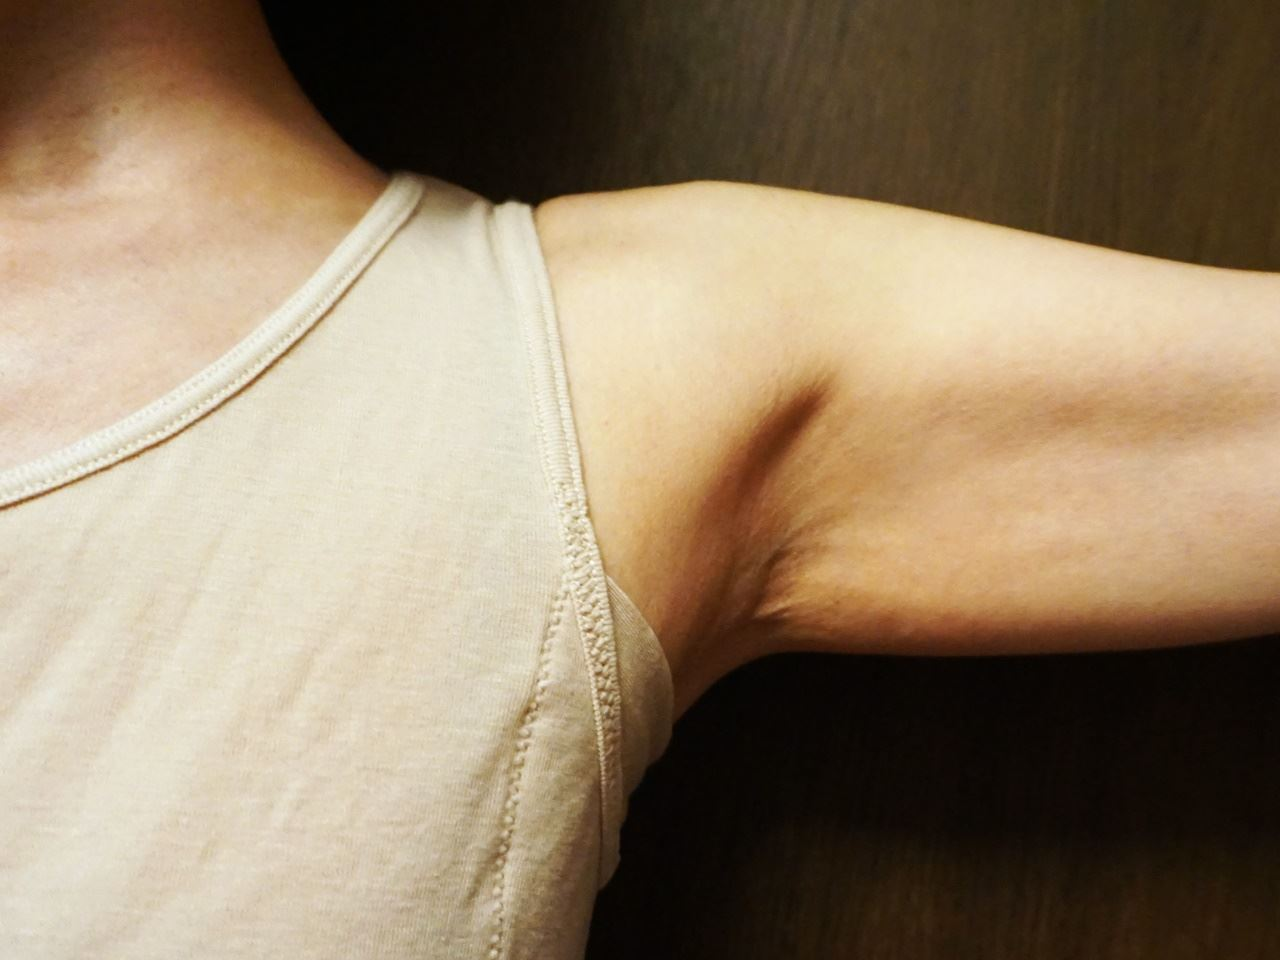 【セシール】スマートドライ汗取りパッド付きノースリーブ(さらっと気持ちいい綿100%シリーズ)を着た腋の下